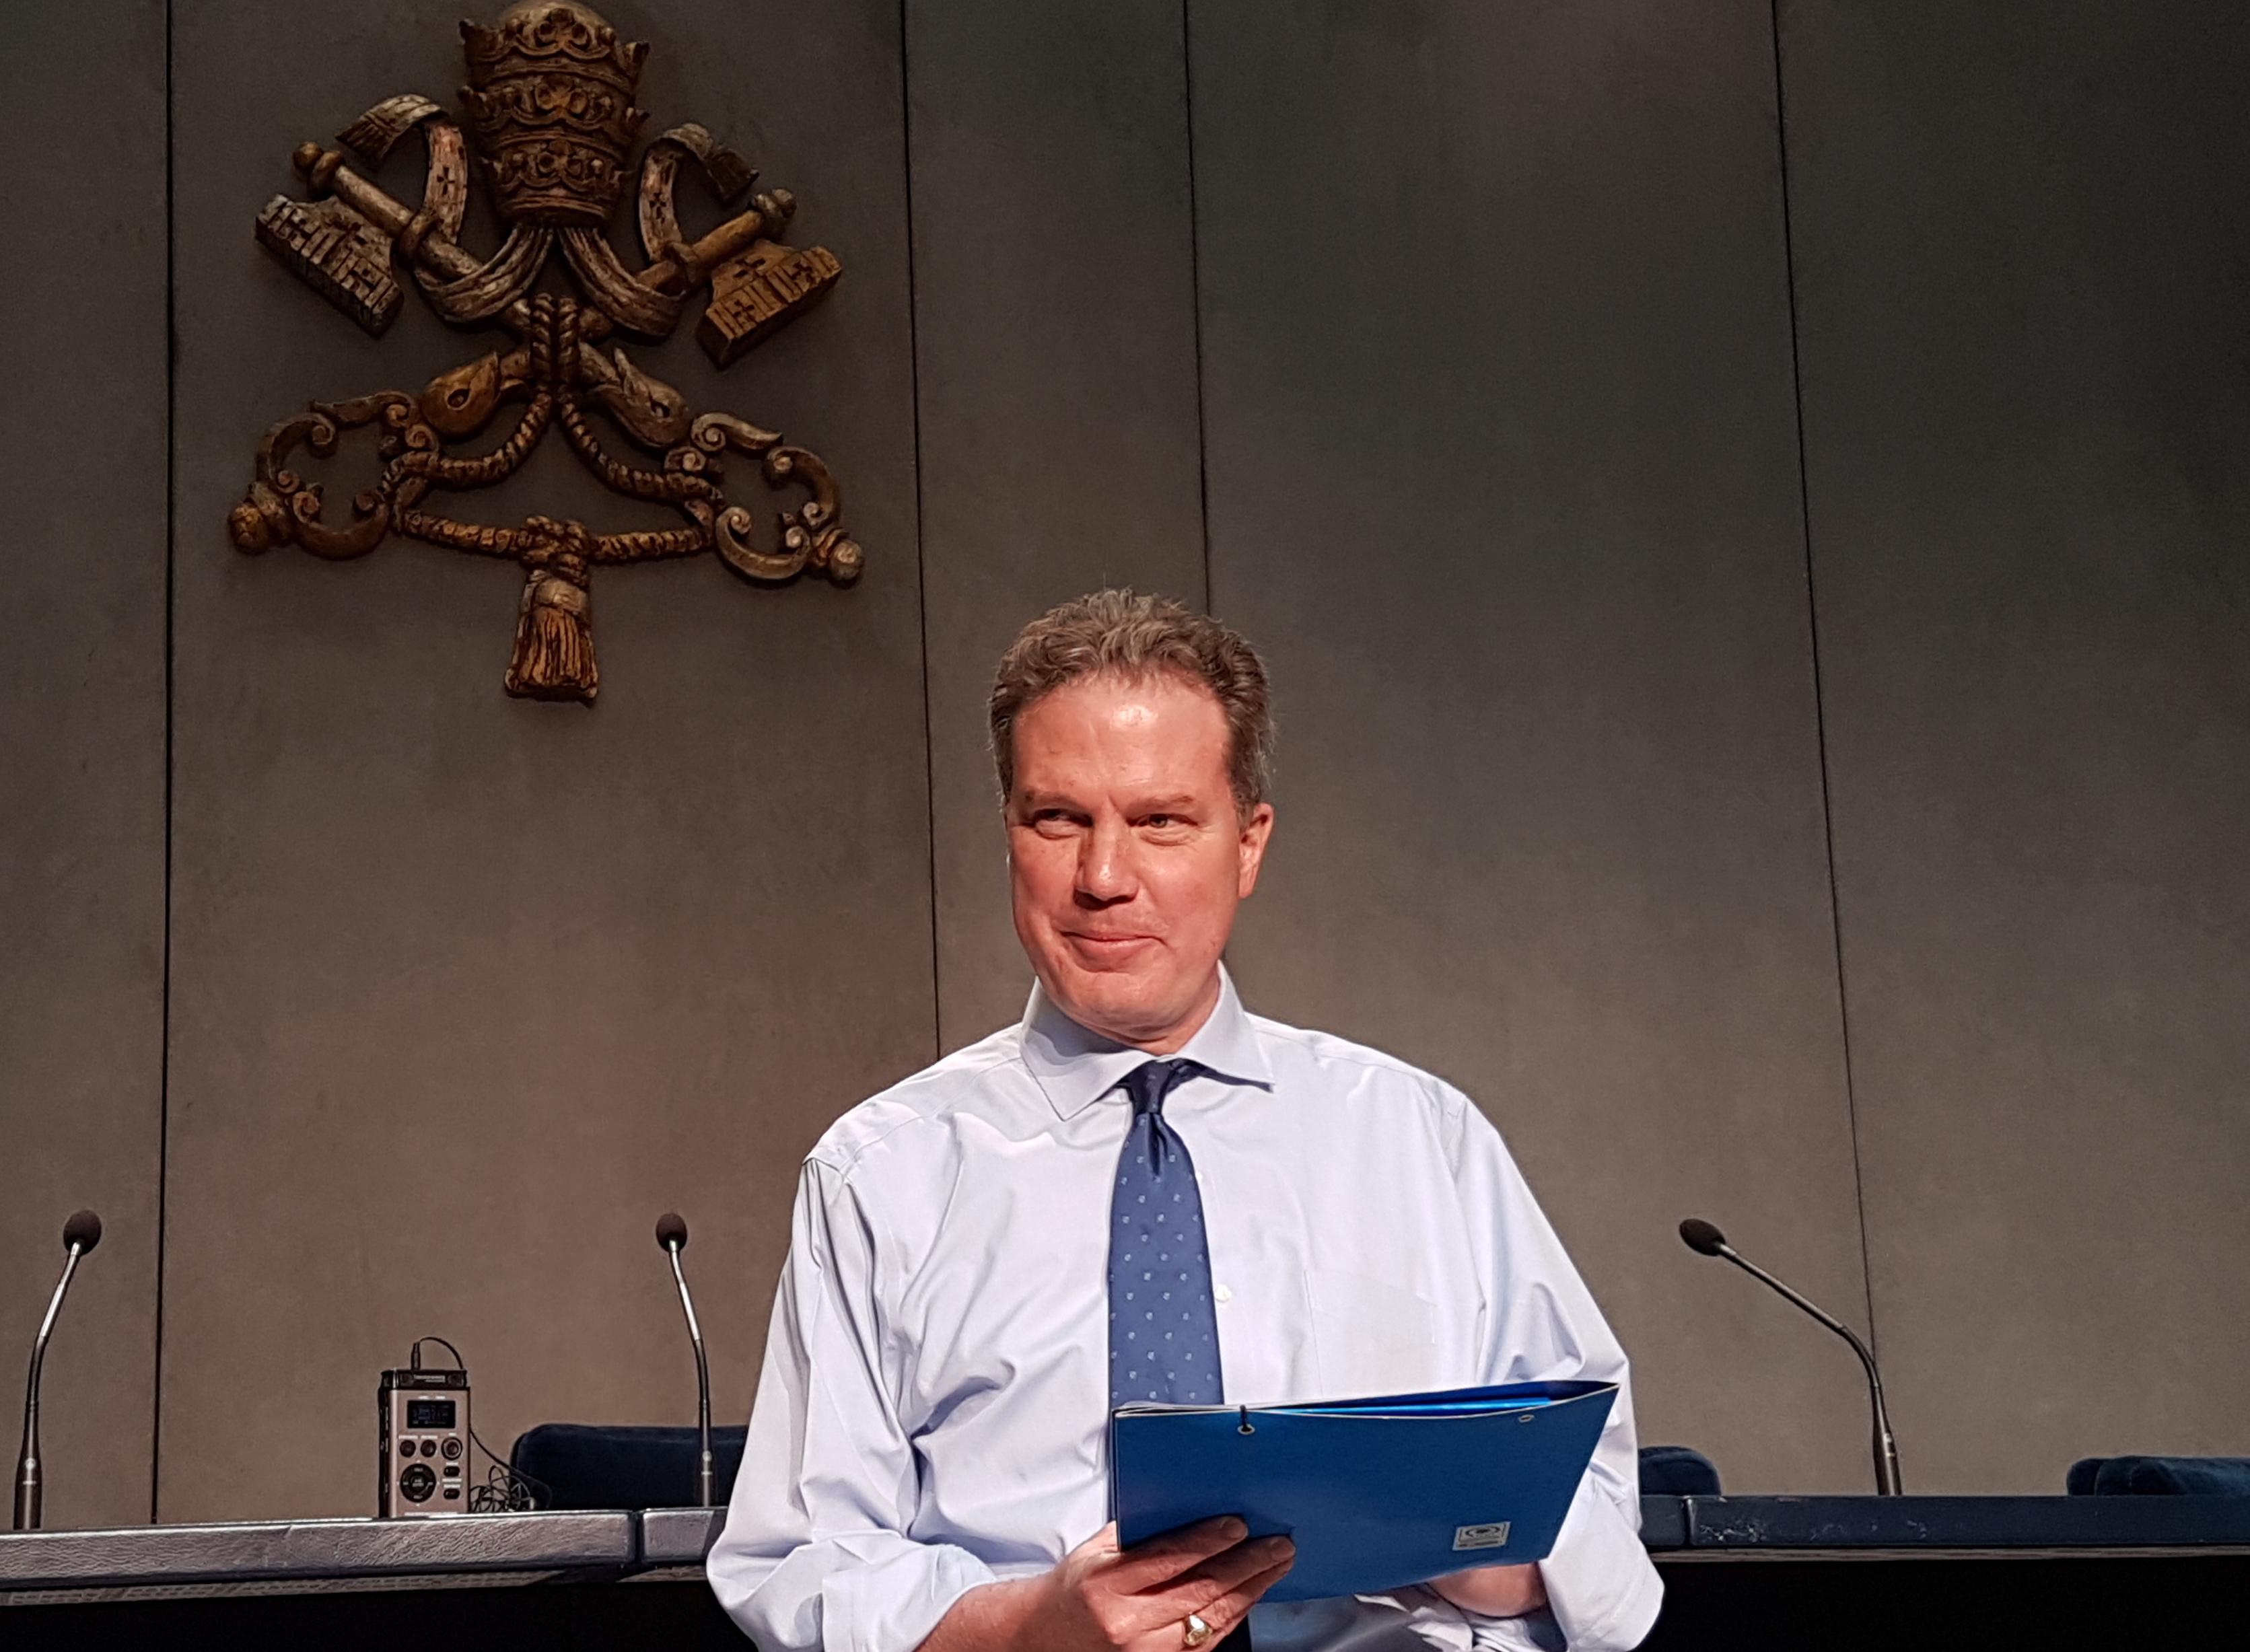 El portavoz del Vaticano en el briefing con los periodistas - 26-04-2017